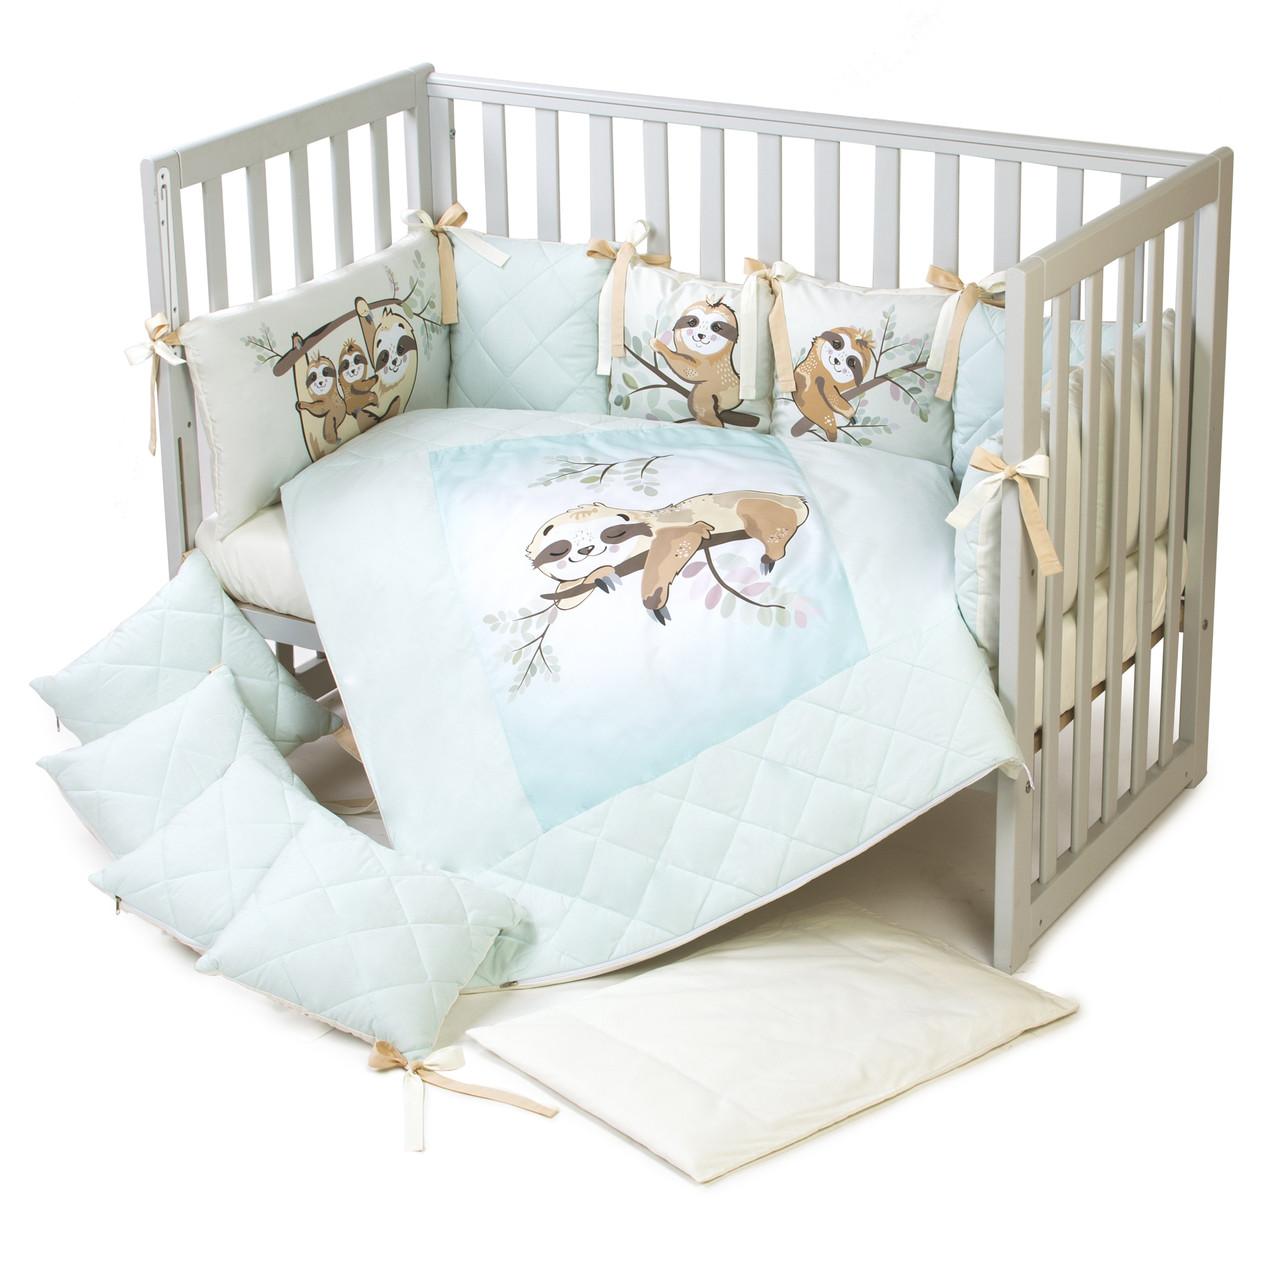 Постельный комплект для новорожденных Veres Lazy sloth